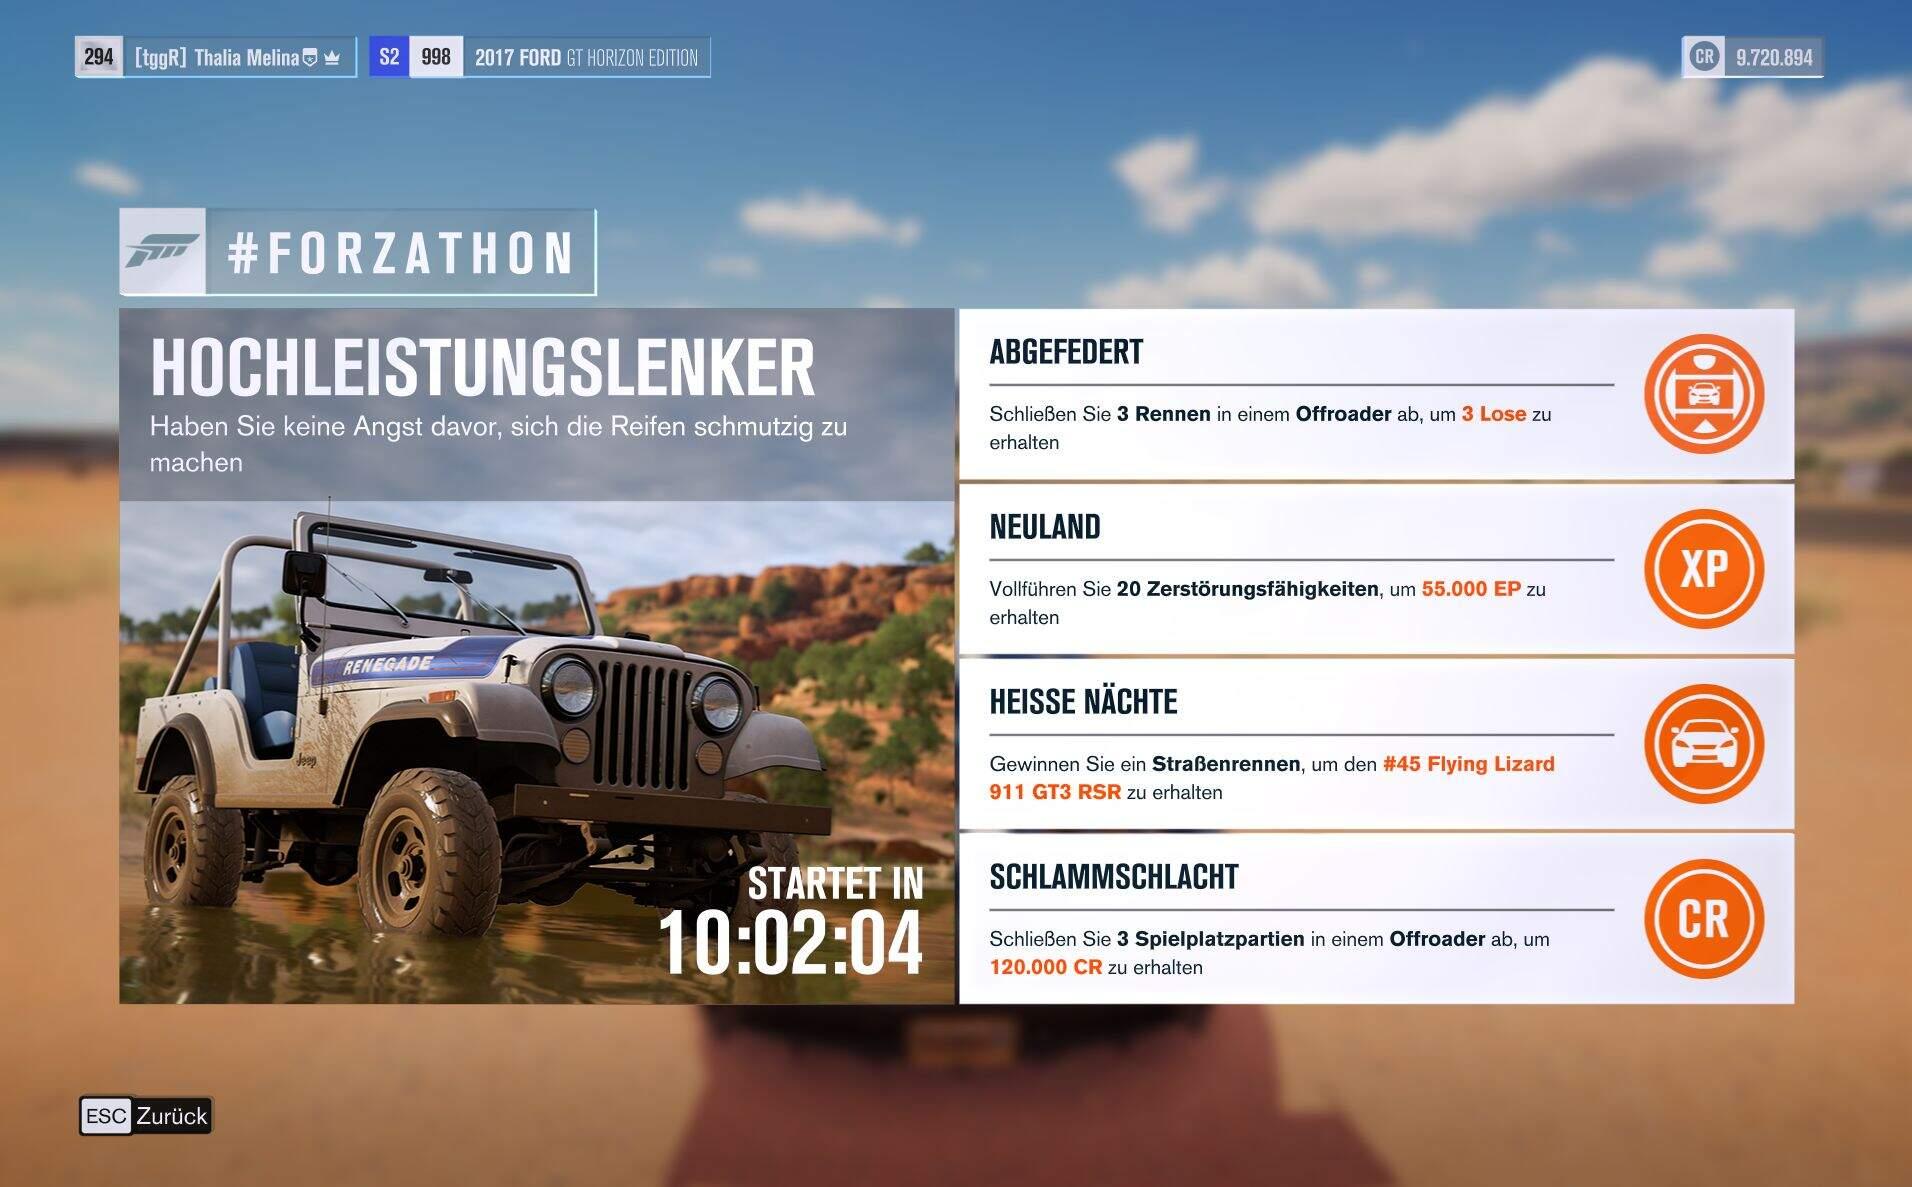 Forza Horizon 3 #Forzathon Guide KW 33 – Hochleistungslenker